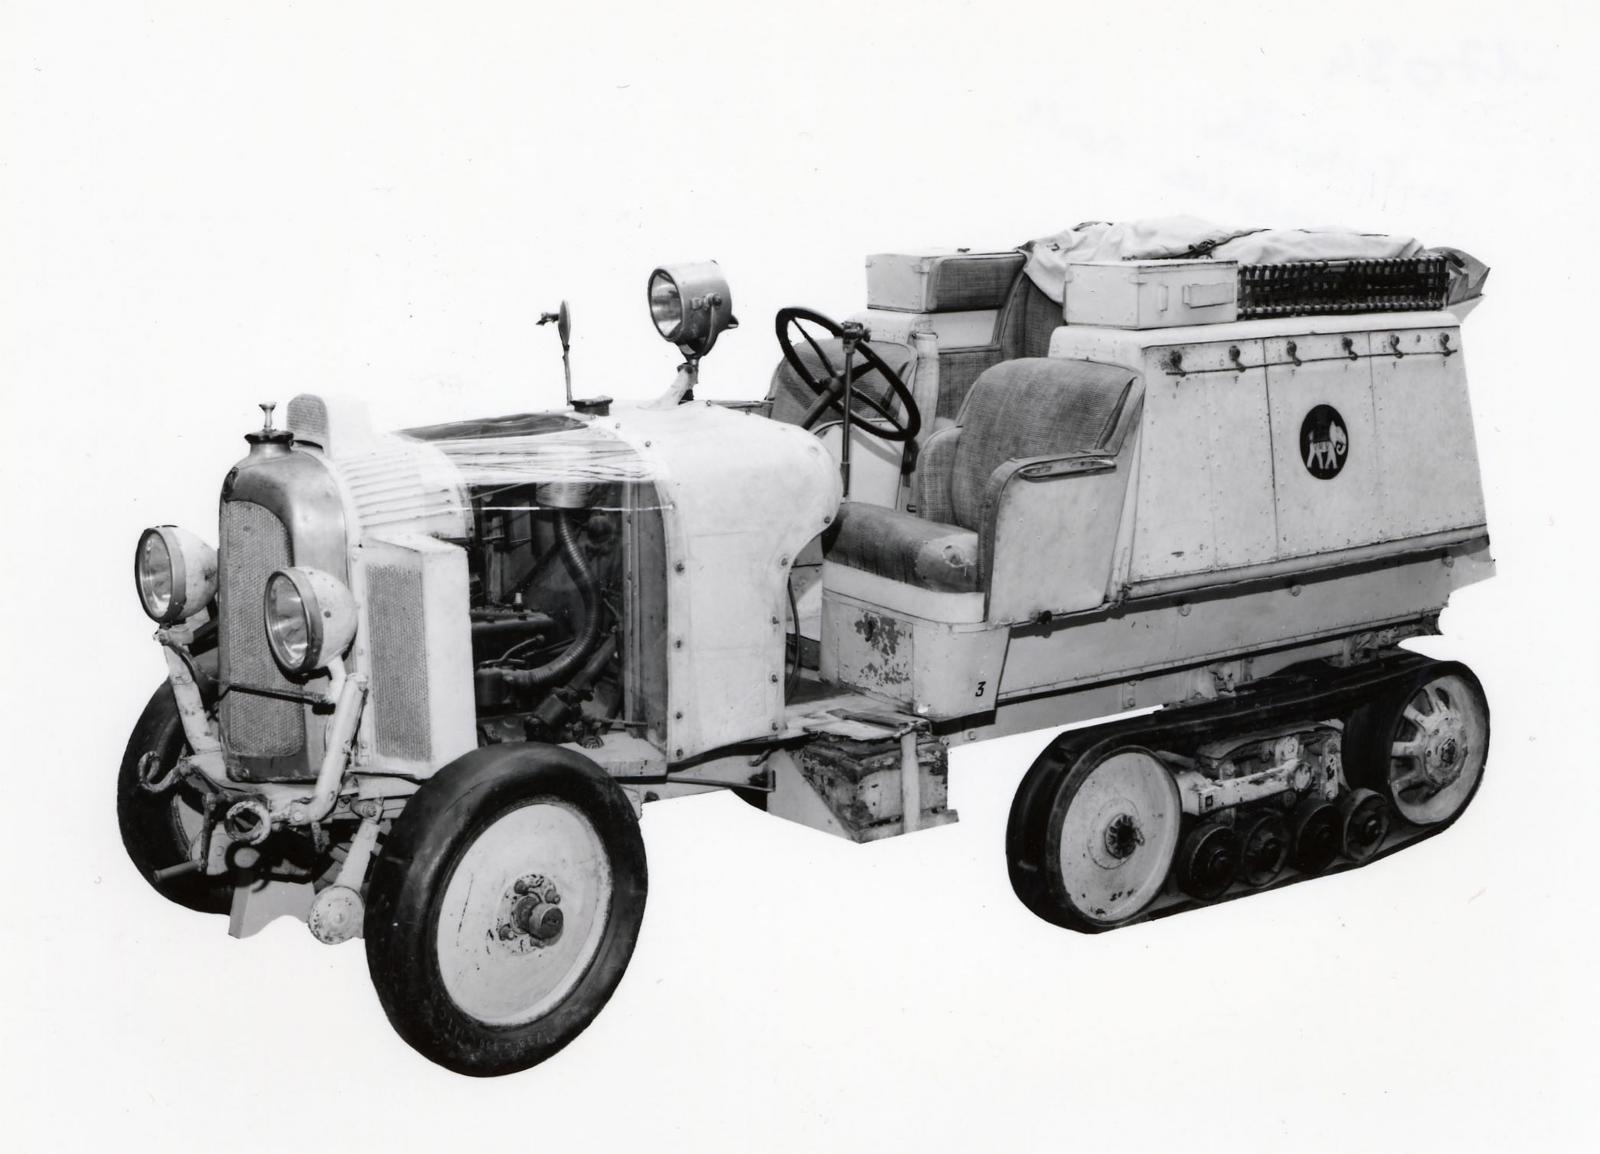 Autochenille B2 Kegresse / Prise de vue musée de Compiègne chenillette Croisière Noire